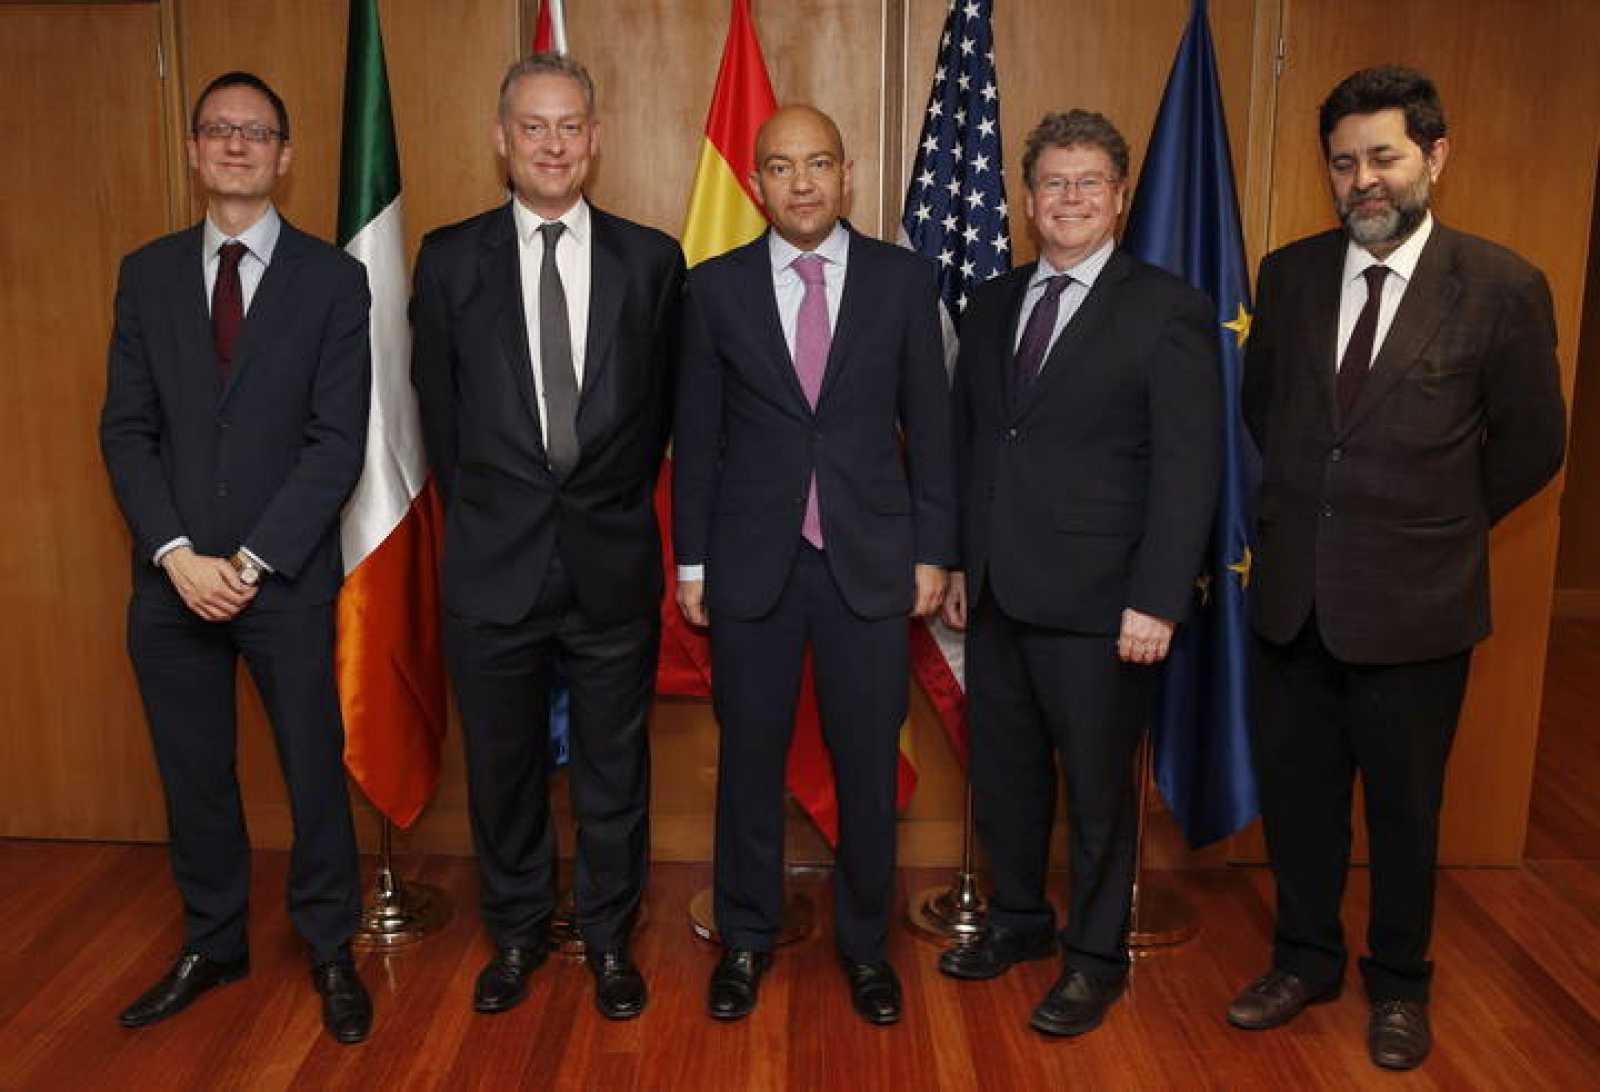 El jefe negociador de EE.UU., Dan Mullaney, y su homólogo de la UE, Ignacio García Bercero, a la derecha de la fotografía, junto al secretario de Estado de Comercio, Jaime García-Legaz